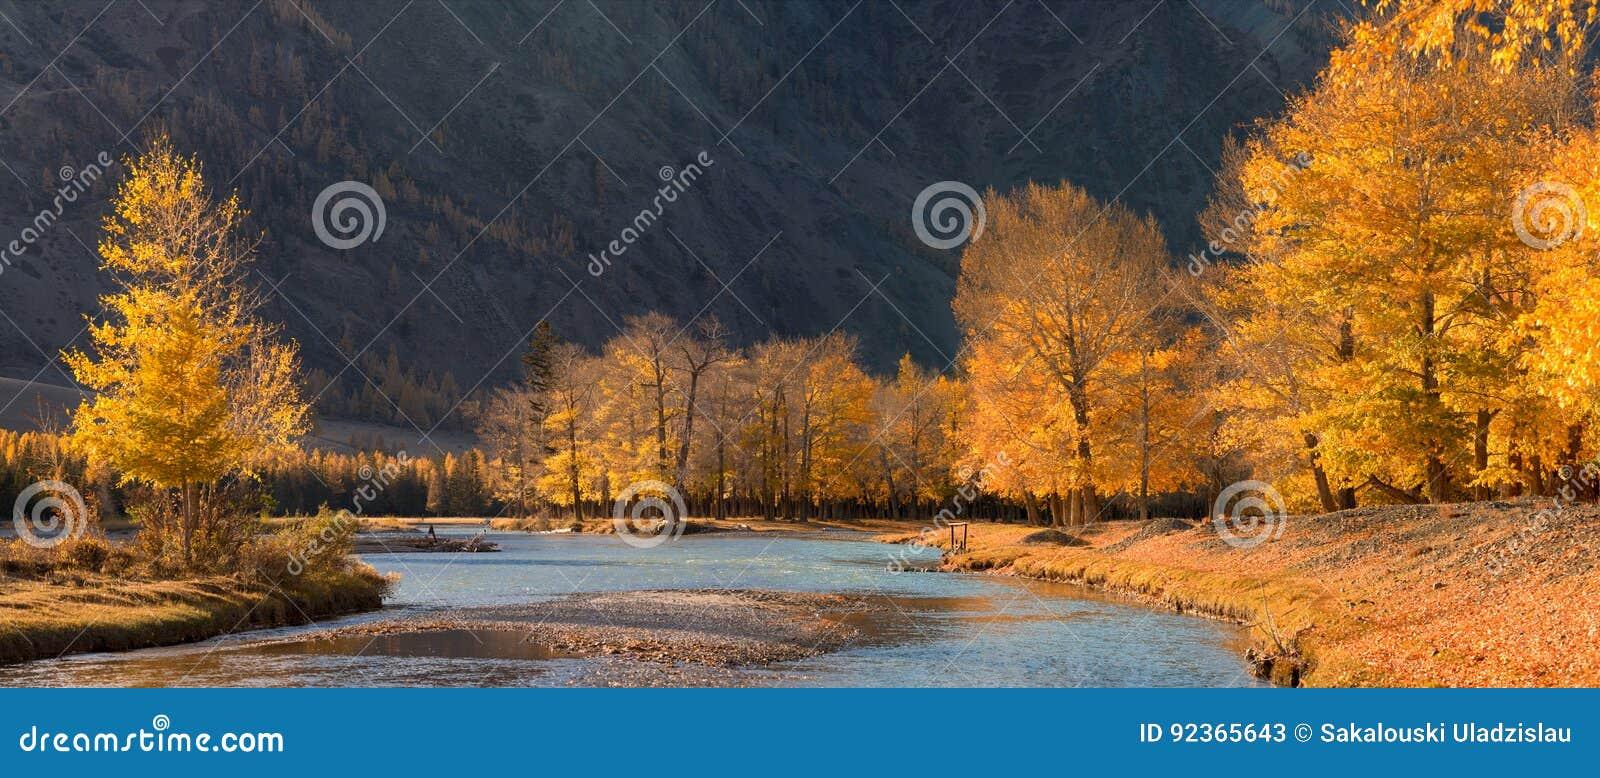 Ένα όμορφο τοπίο βουνών φθινοπώρου με τις ηλιοφώτιστες λεύκες και τον μπλε ποταμό Δάσος φθινοπώρου με τα πεσμένα φύλλα